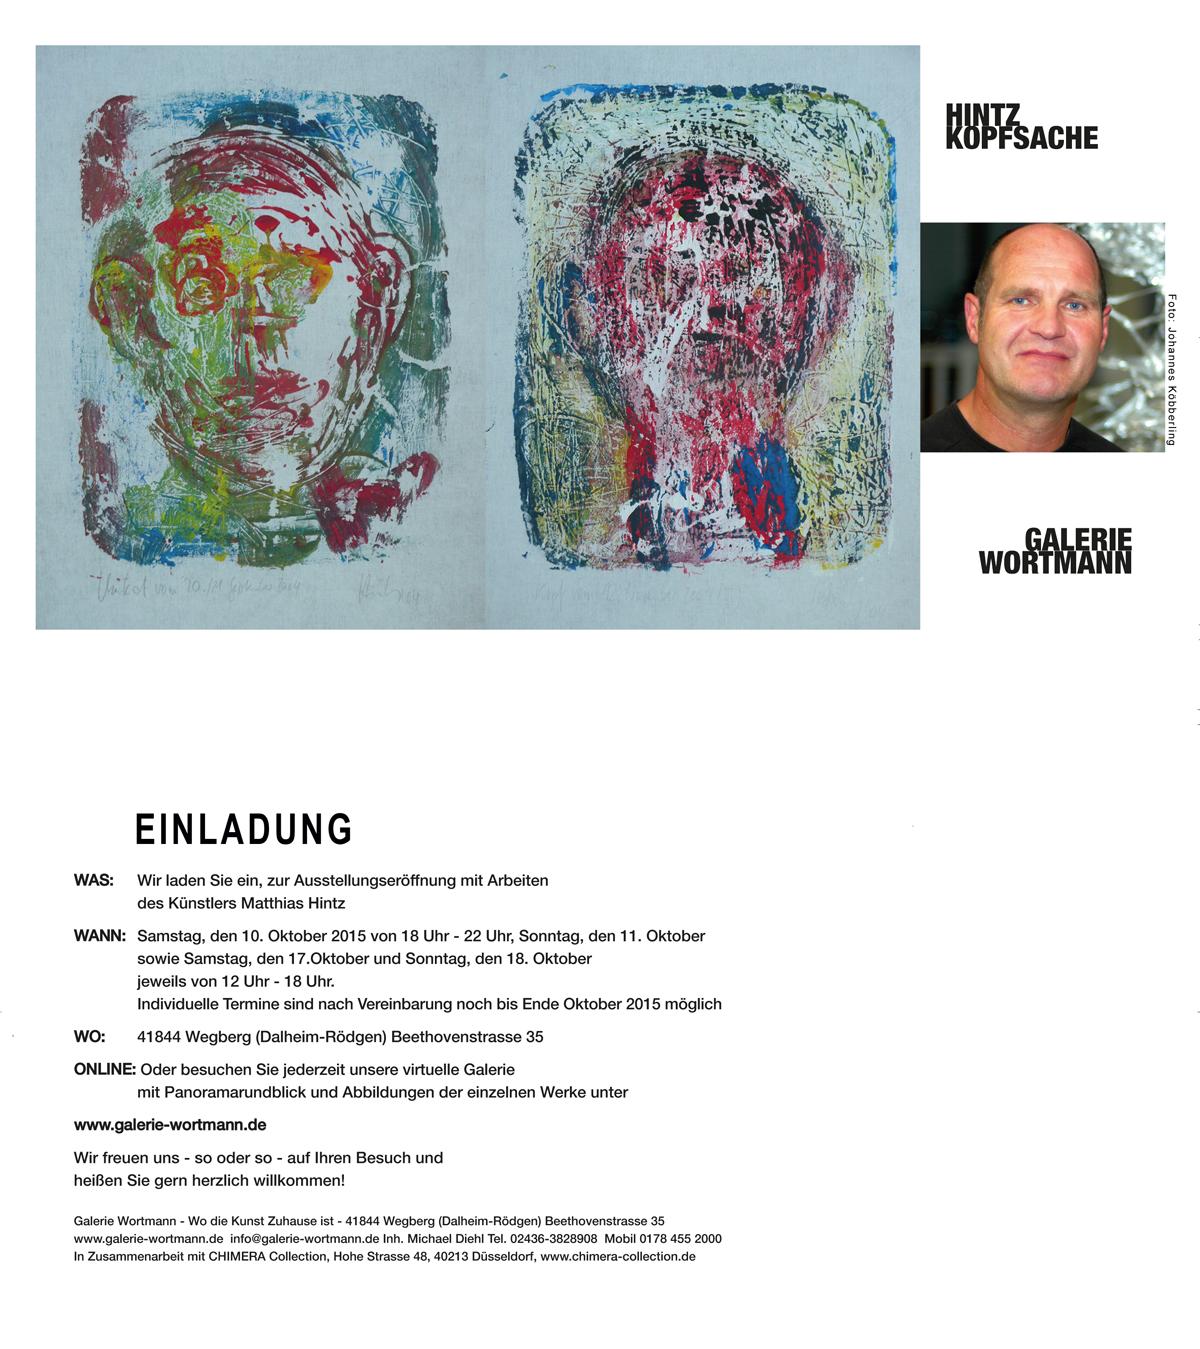 Einladung_Galerie-Wortmann_Matthias-Hintz